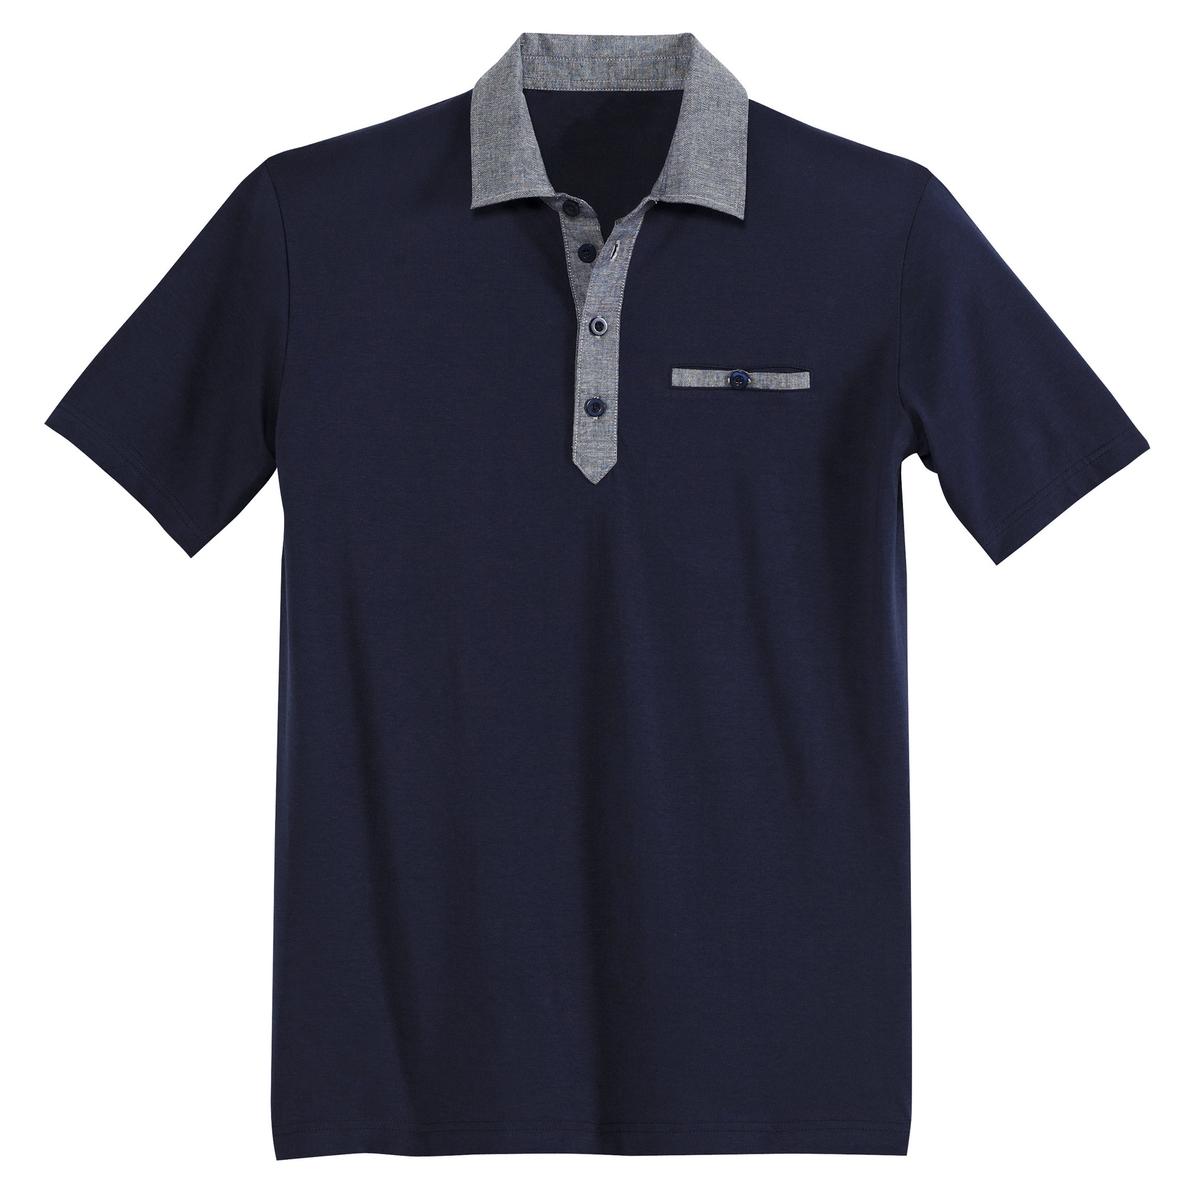 Футболка-поло с короткими рукавами из джерси с воротником из ткани шамбредлина спереди : 76 см для размера 50/52 и 86 см для размера 90/92.- длина рукавов : 23 см для размера 50/52 и 28 см для размера 90/92.<br><br>Цвет: темно-синий,черный<br>Размер: 70/72.78/80.82/84.90/92